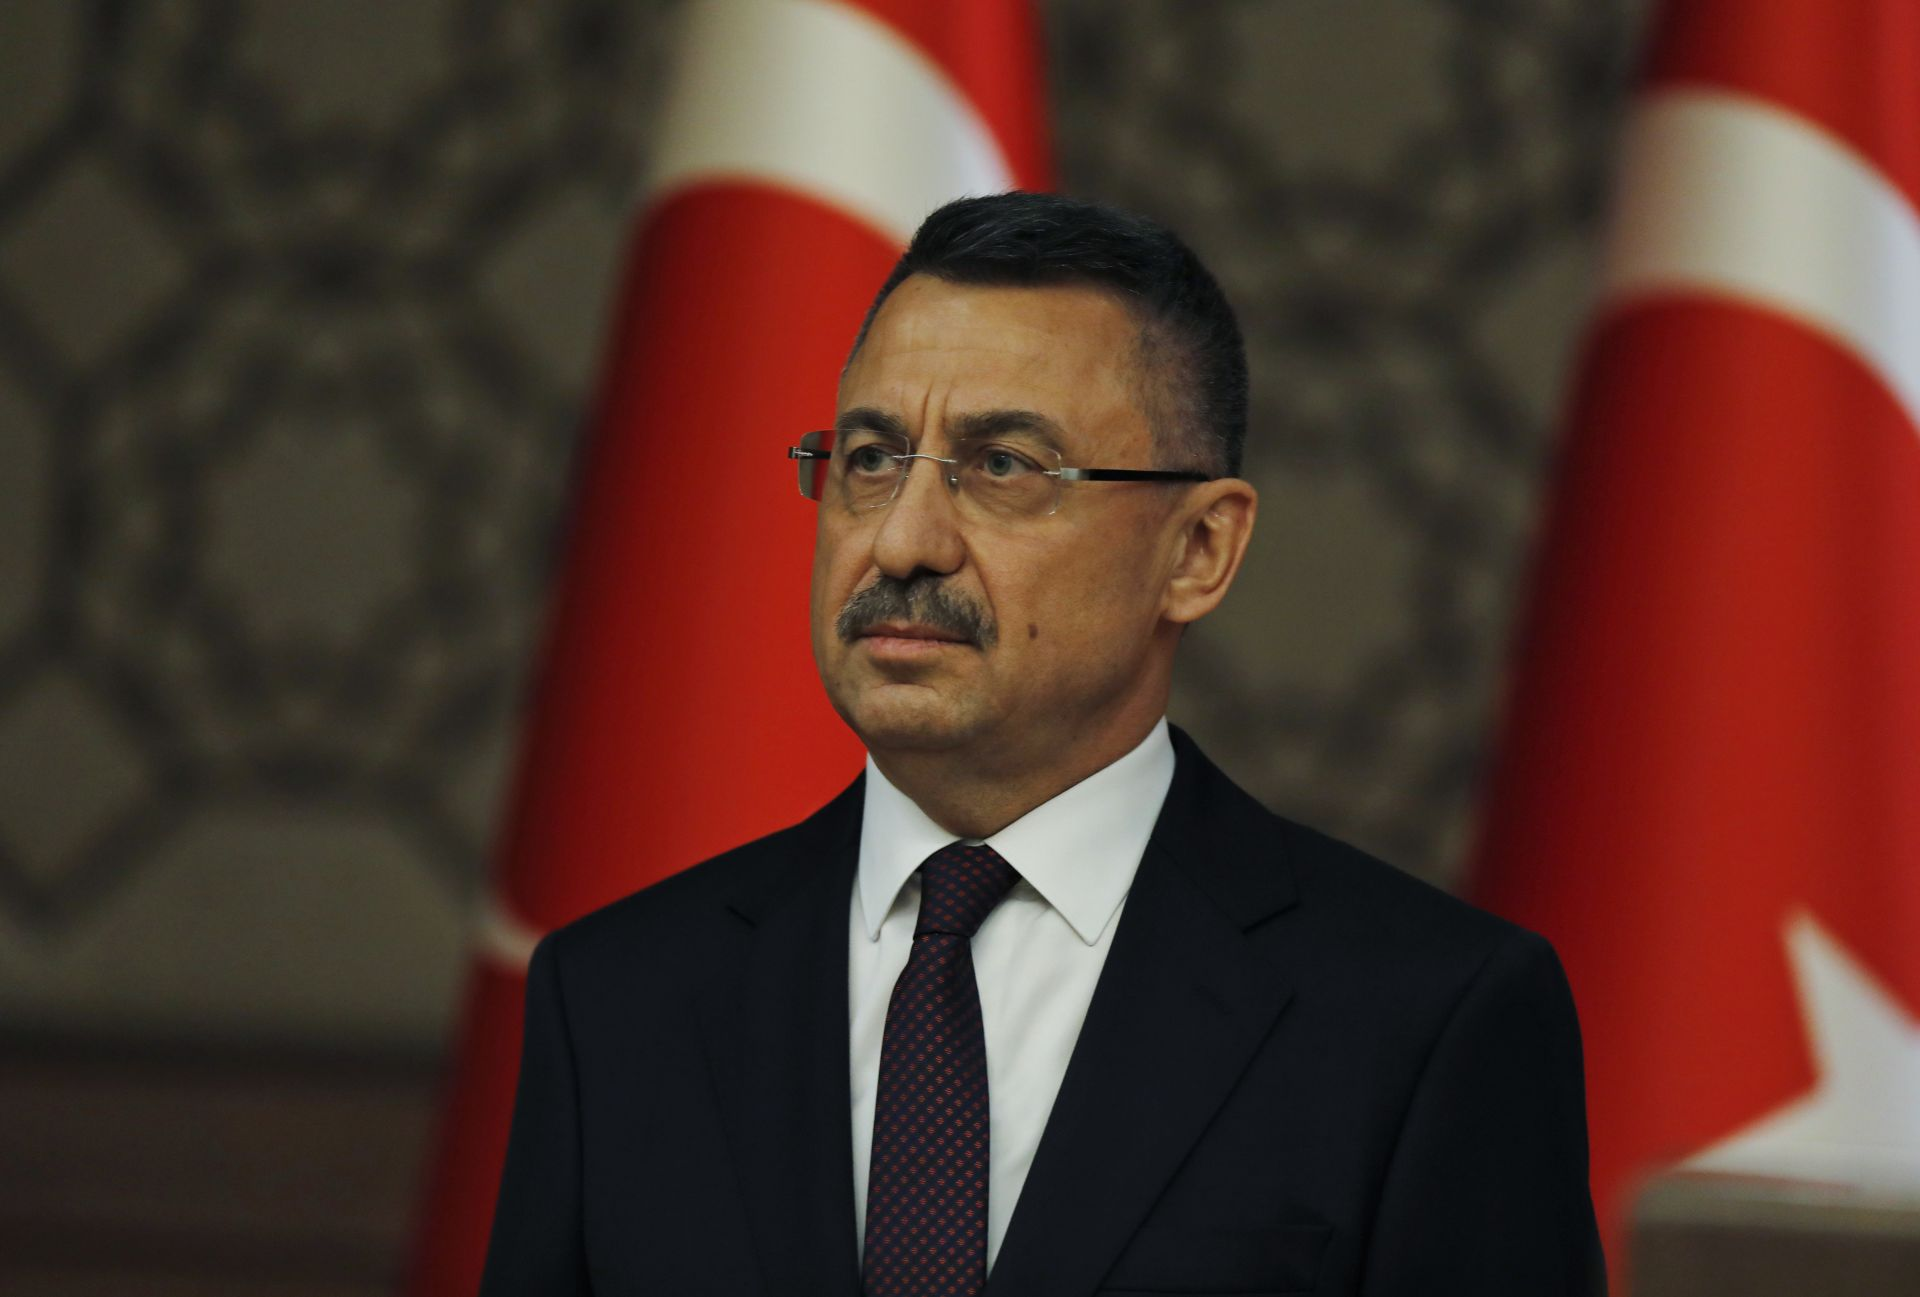 За пръв път Турция ще има вицепрезидент. Той се казва Фуат Октай - инженер по образование, специализирал в САЩ